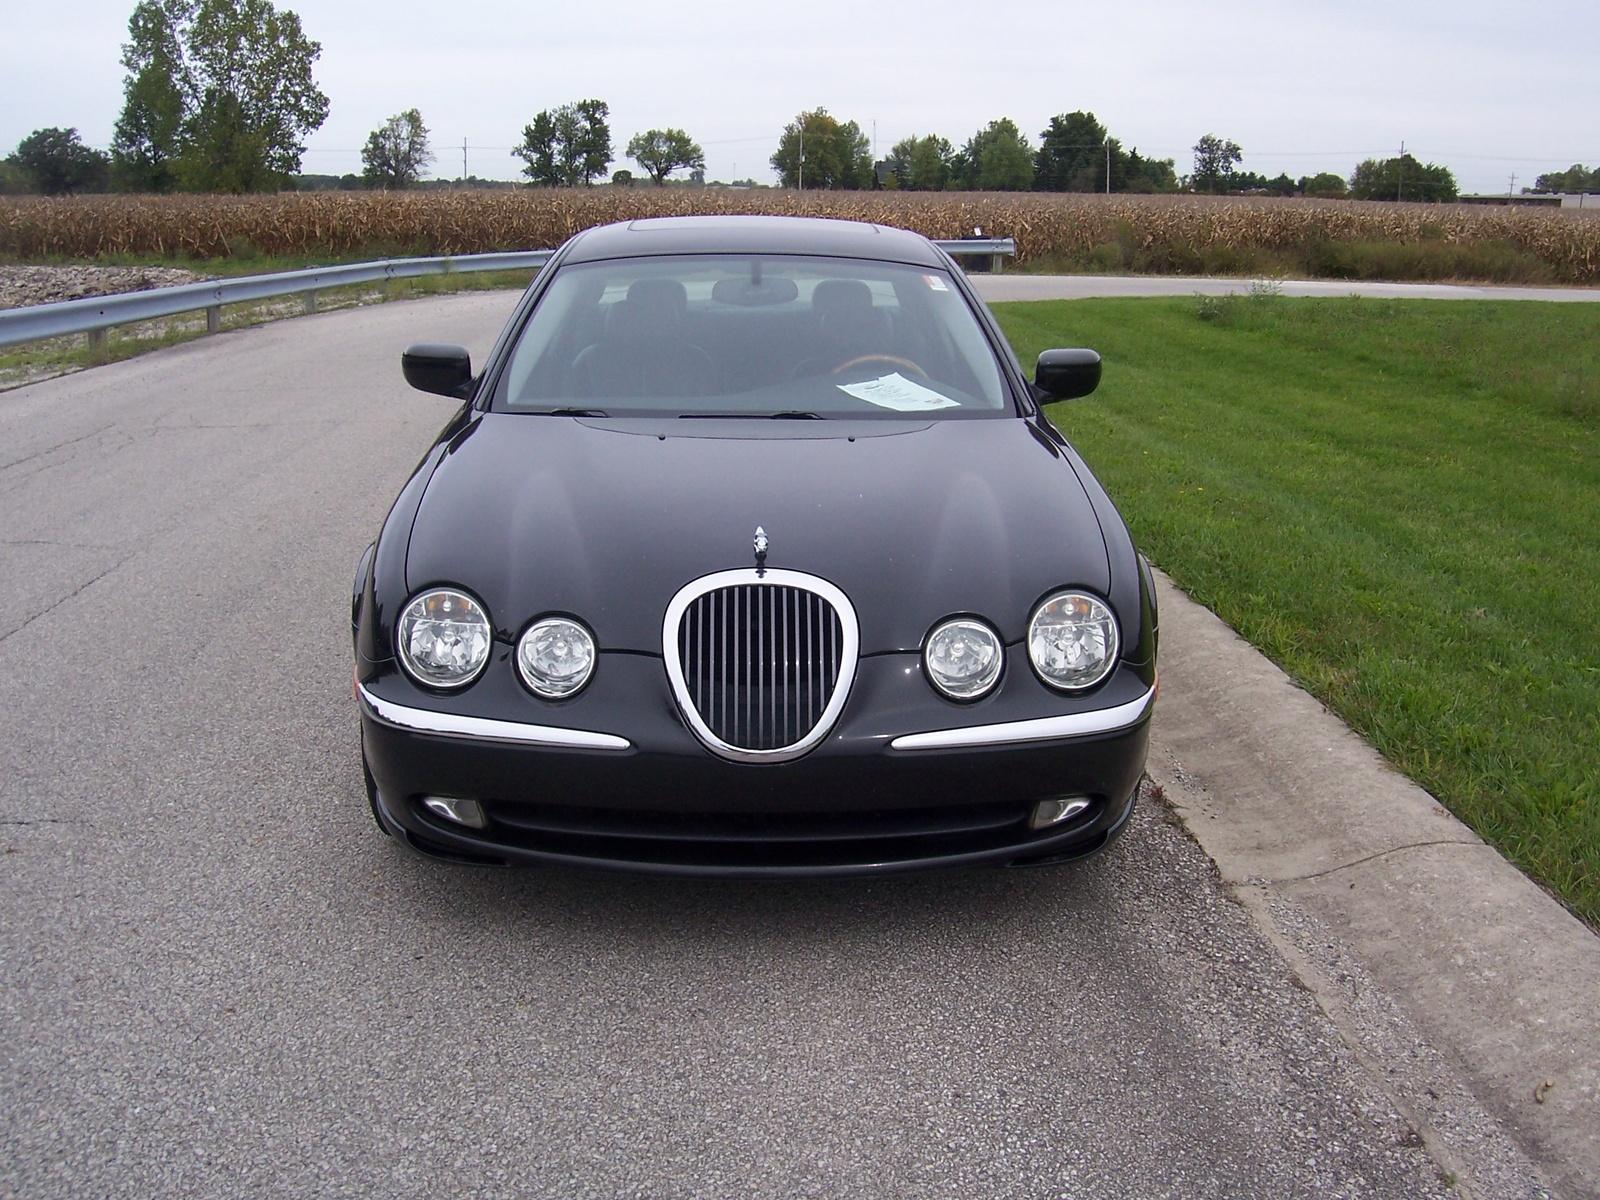 2002 Jaguar S-Type 4.0 - Pictures - Picture of 2002 Jaguar S-Type ...